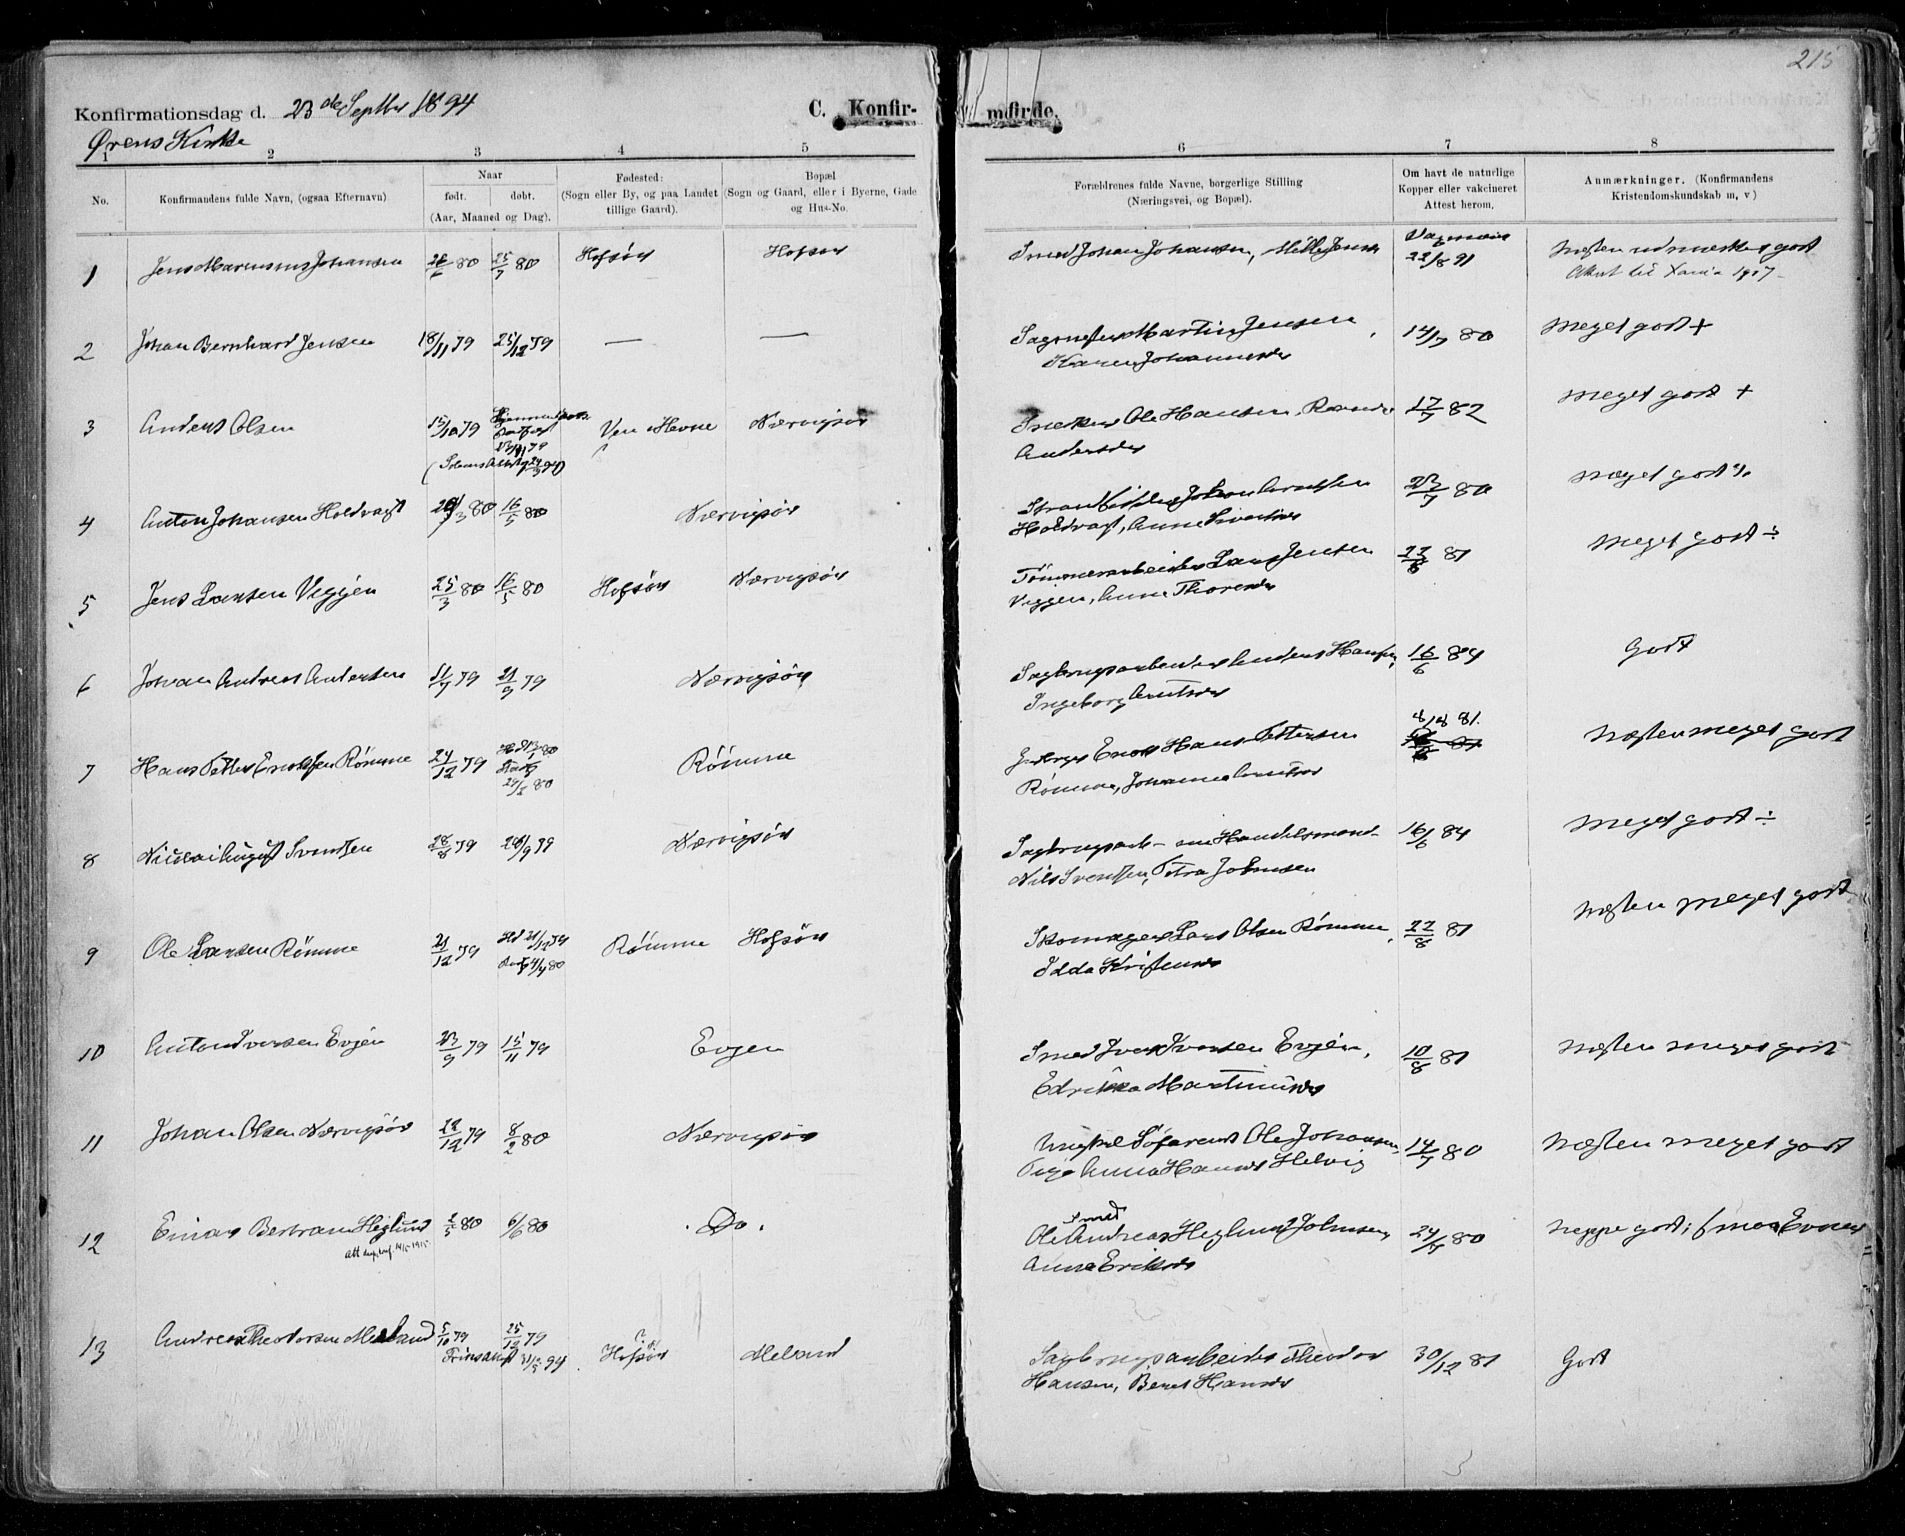 SAT, Ministerialprotokoller, klokkerbøker og fødselsregistre - Sør-Trøndelag, 668/L0811: Ministerialbok nr. 668A11, 1894-1913, s. 215